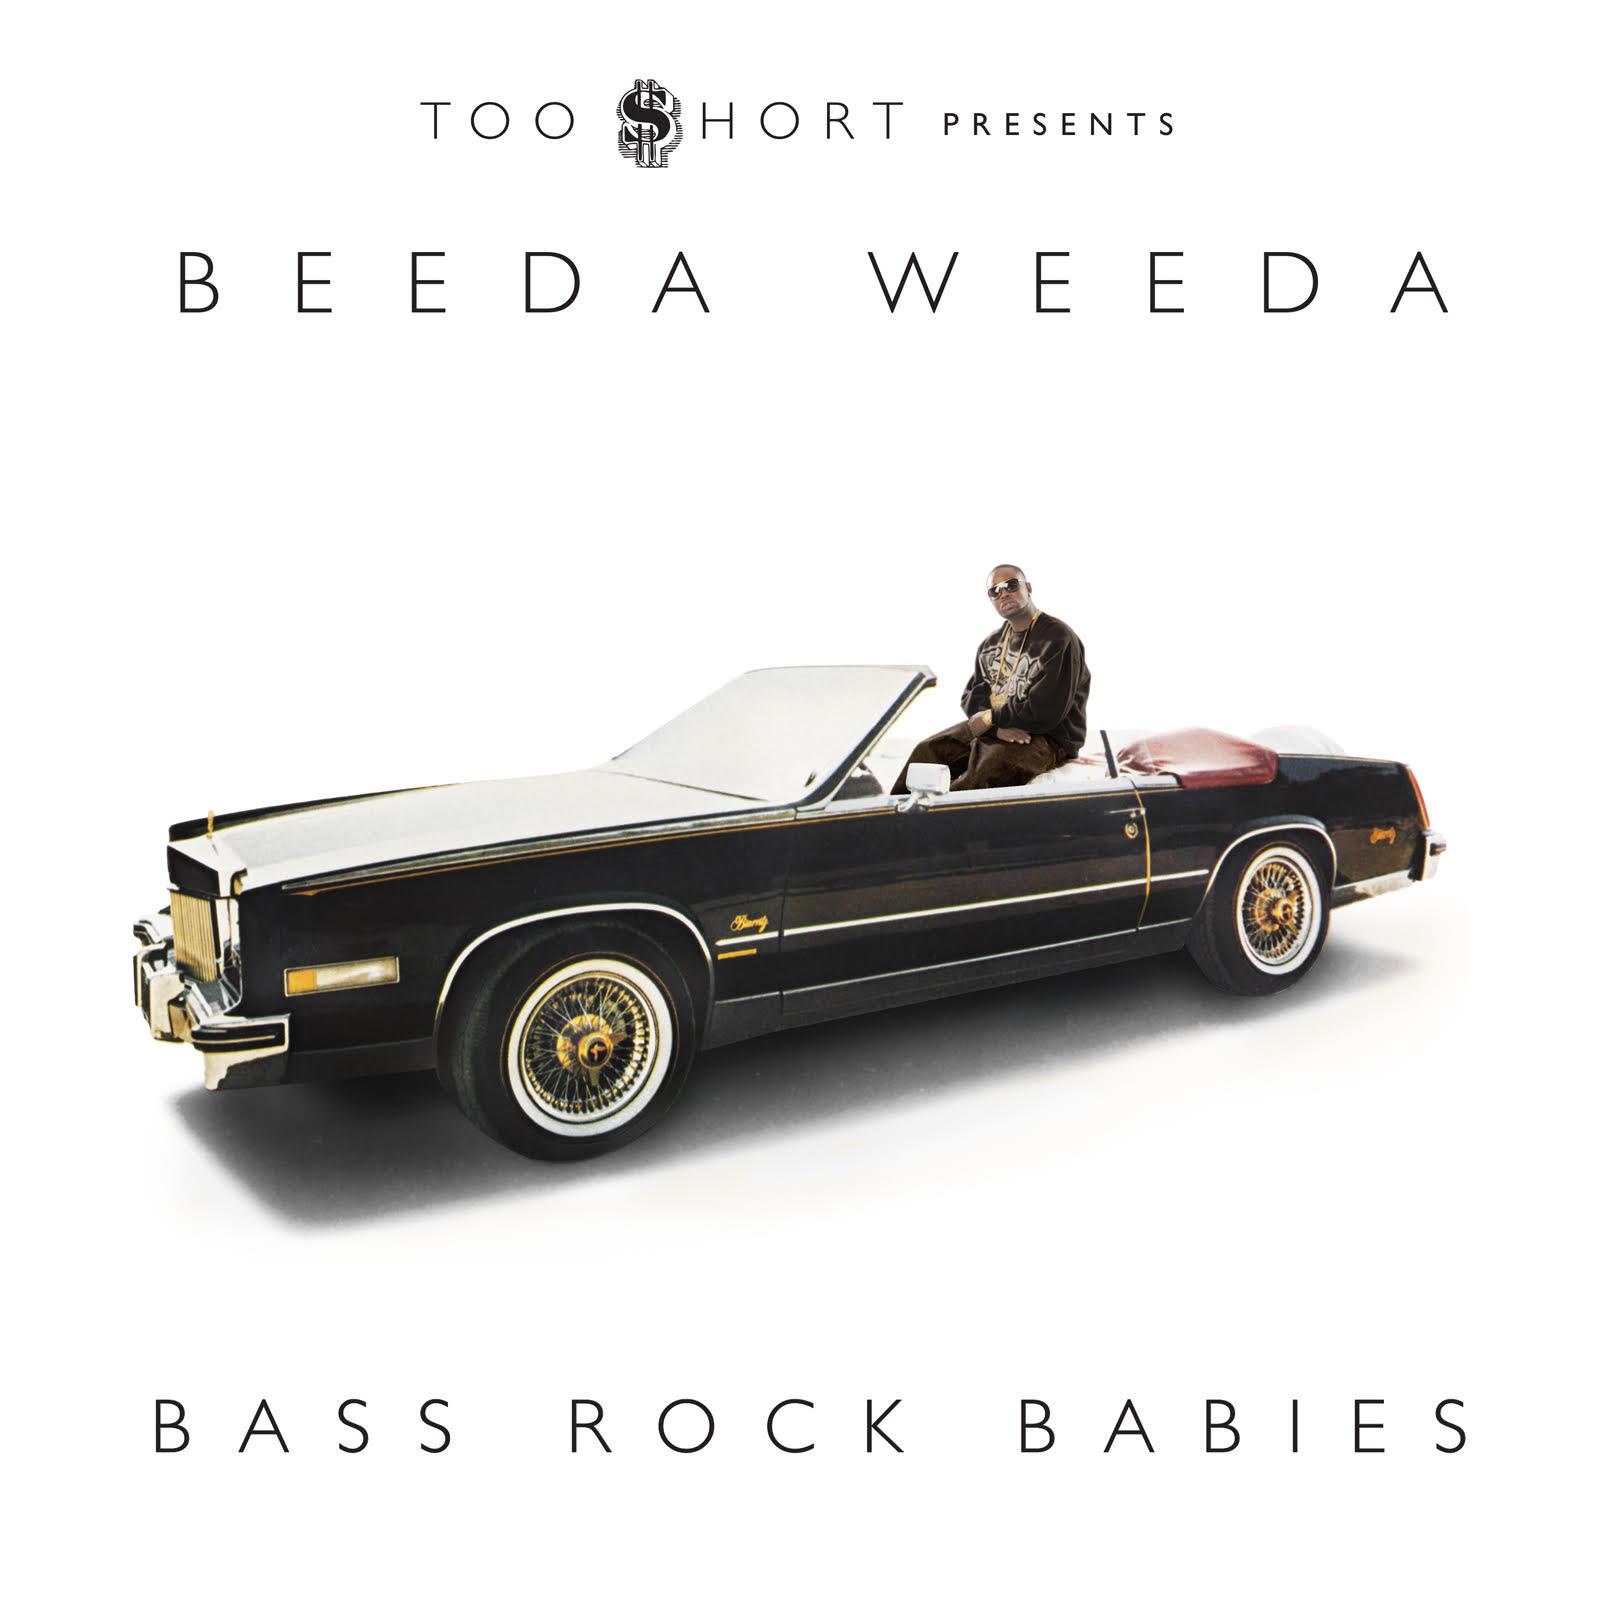 Bass Rock Babies tour